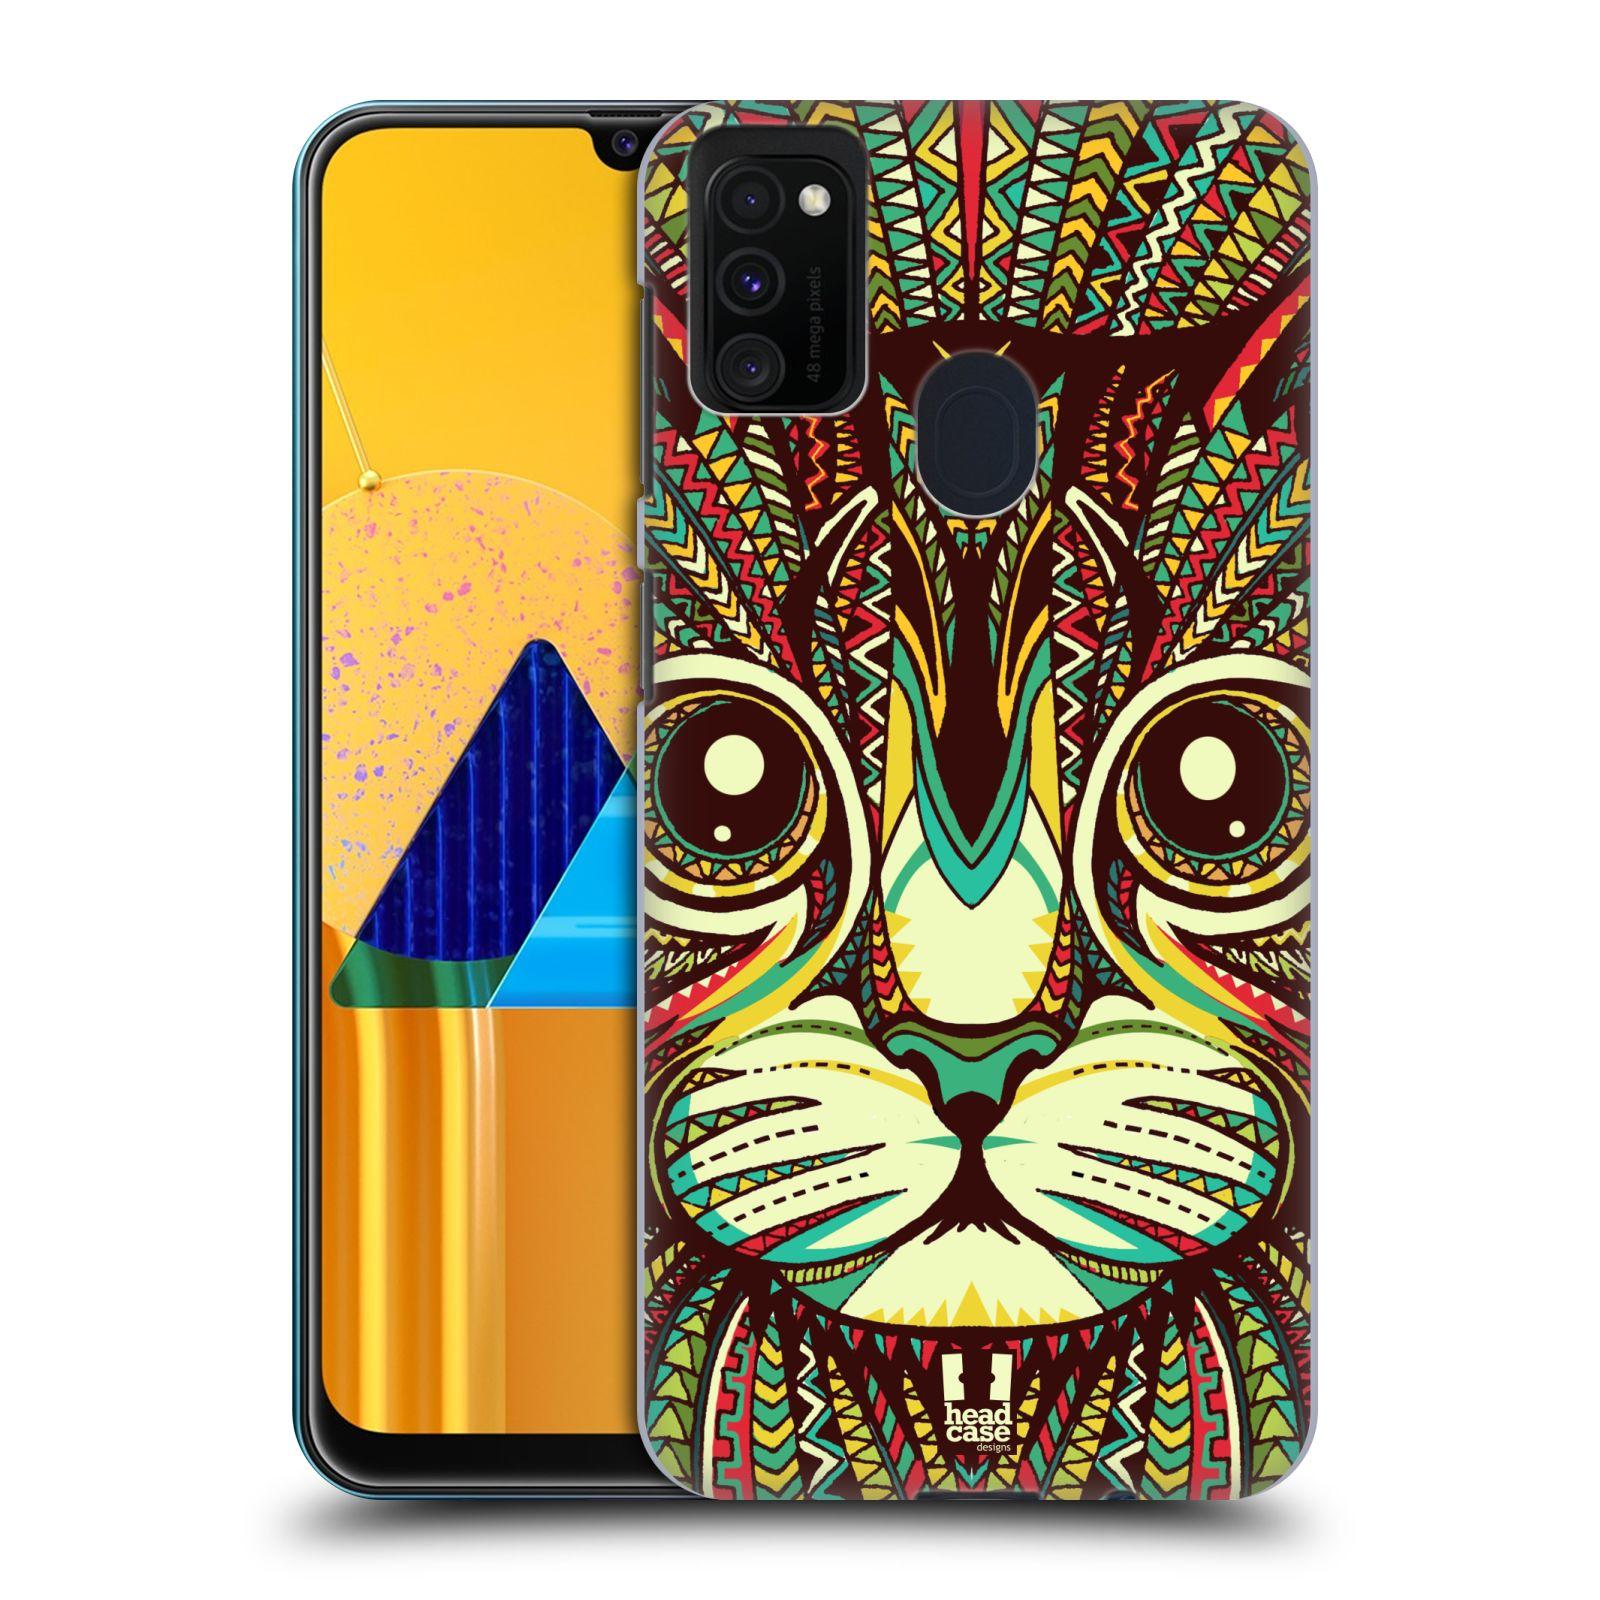 Plastové pouzdro na mobil Samsung Galaxy M21 - Head Case - AZTEC KOČKA